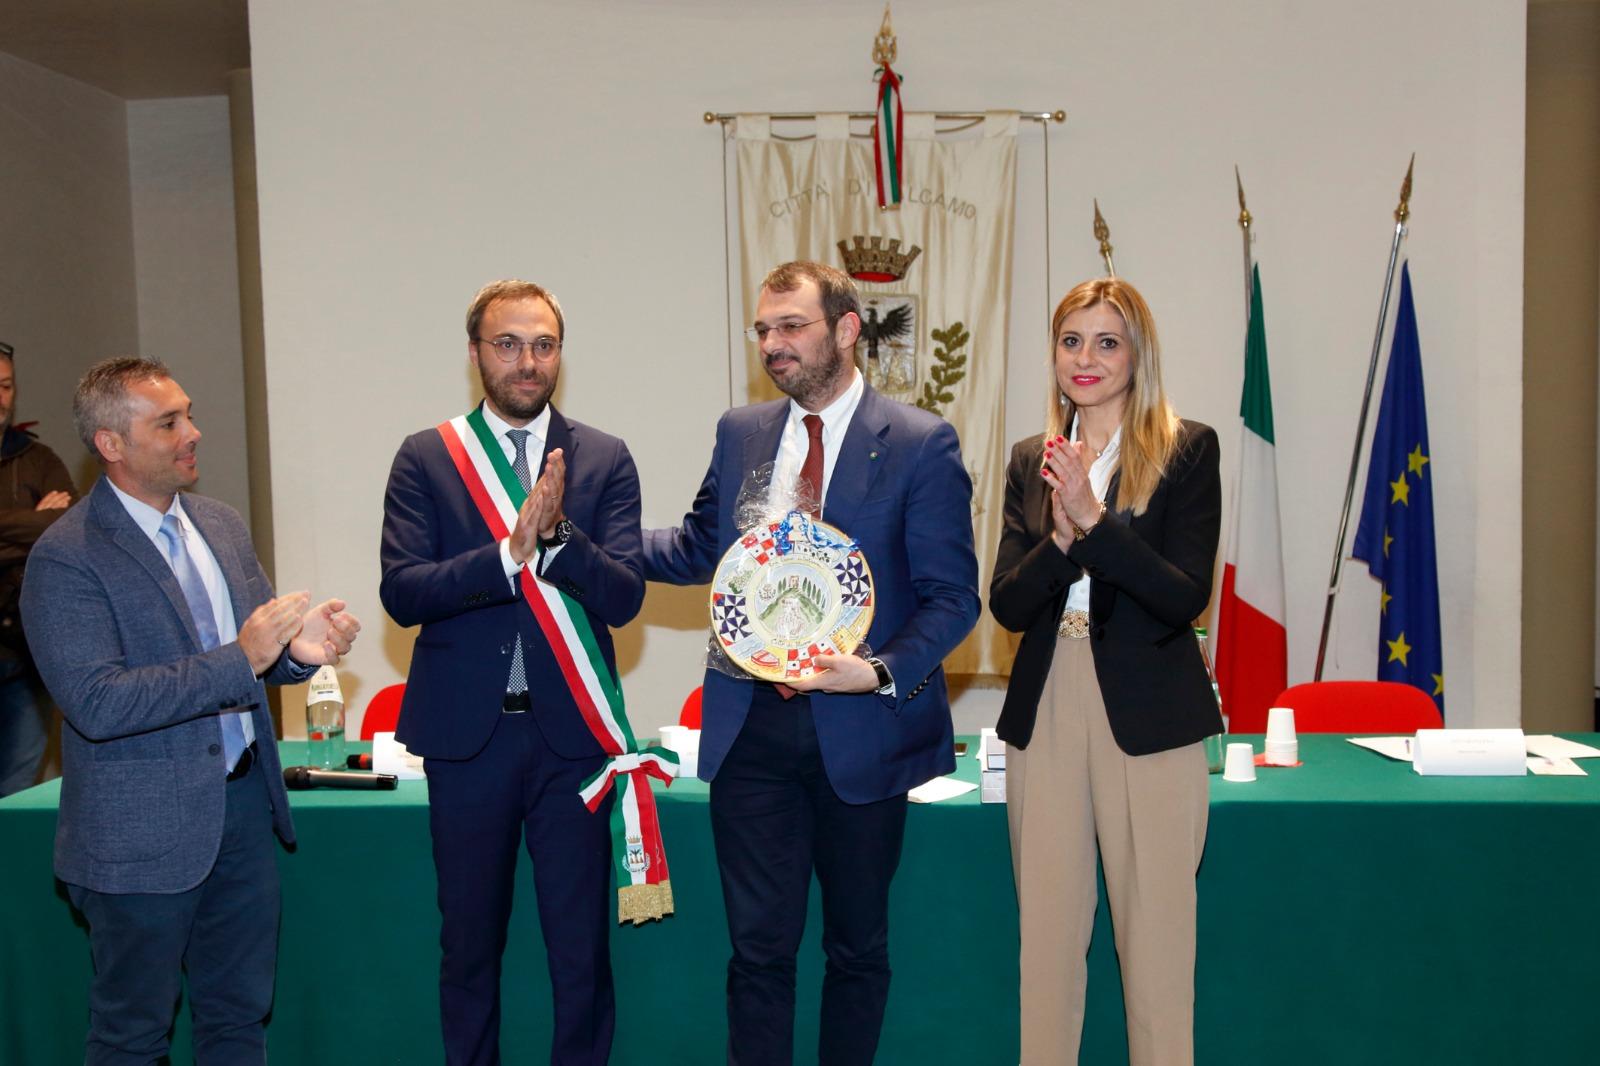 Alcamo, conferita la cittadinanza onoraria al giornalista Paolo Borrometi (VIDEO) | Itaca Notizie - Itaca Notizie